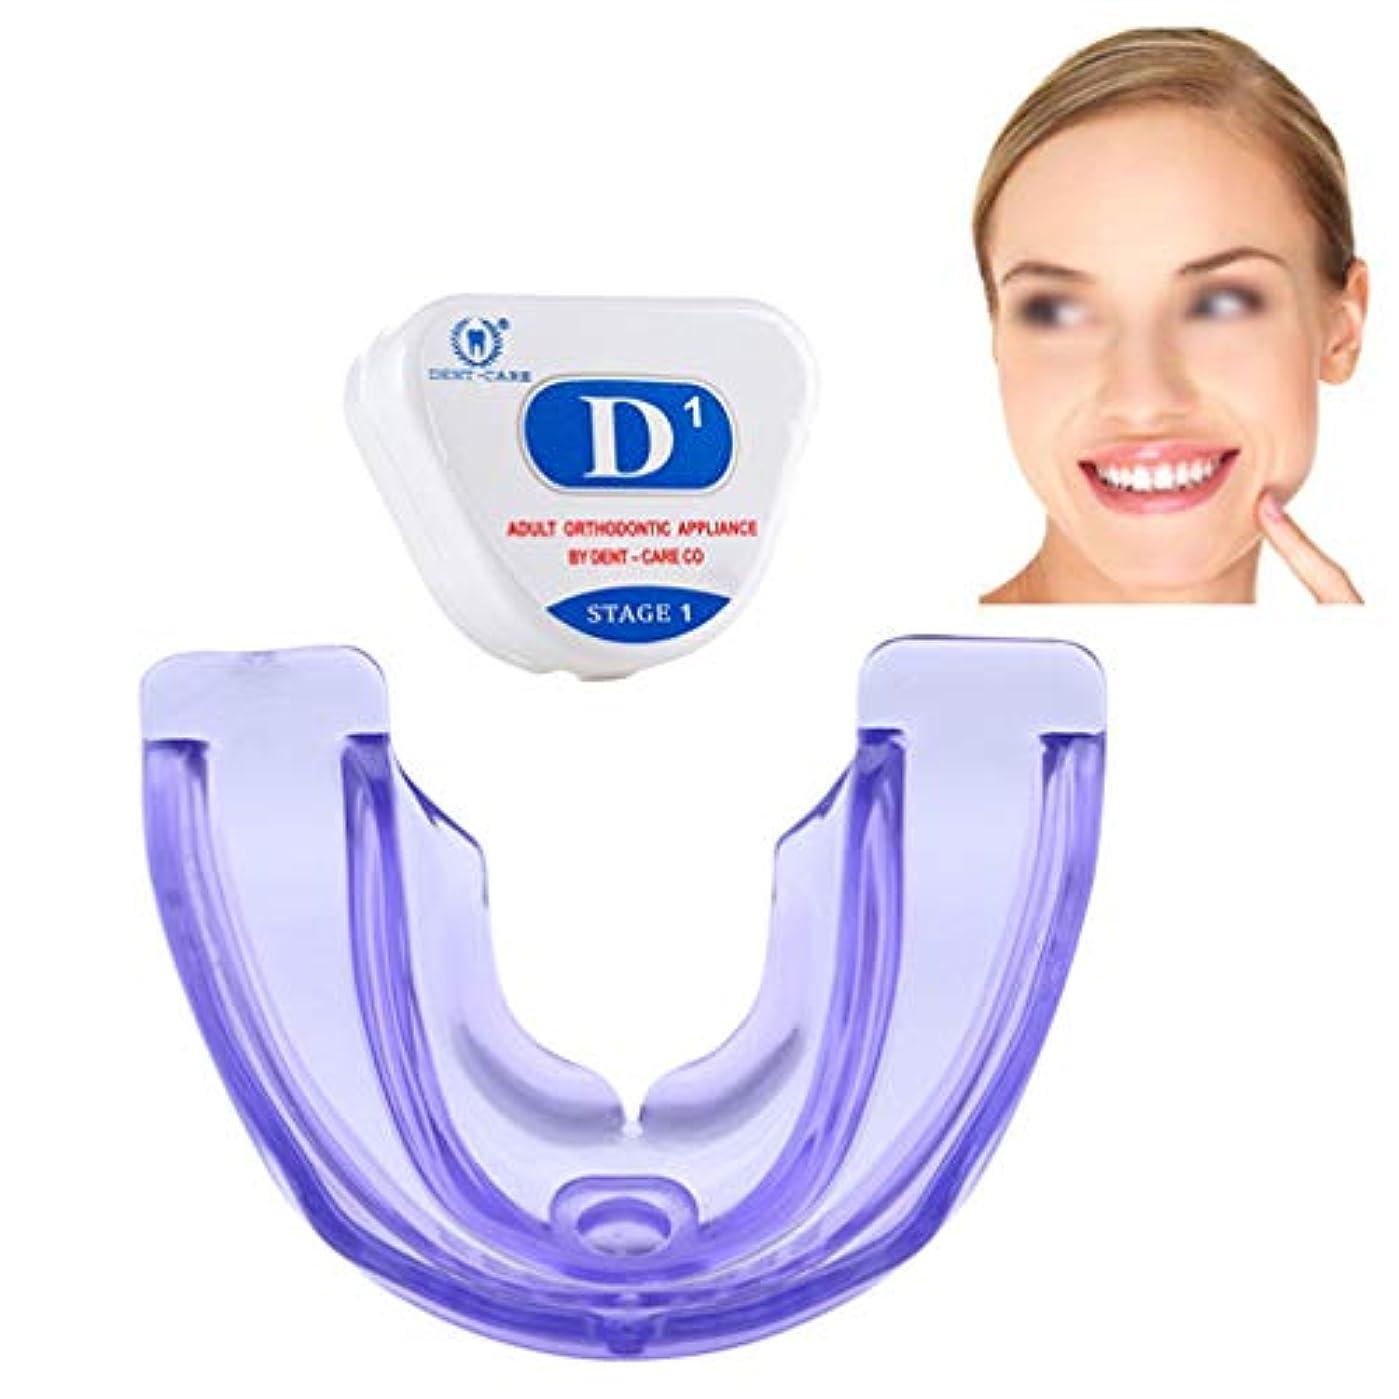 ロマンチック謝罪金額矯正リテーナー、歯列矯正トレーナー歯科用歯科用器具リテーナー歯を白くするインビジブルブレース、(3段階)